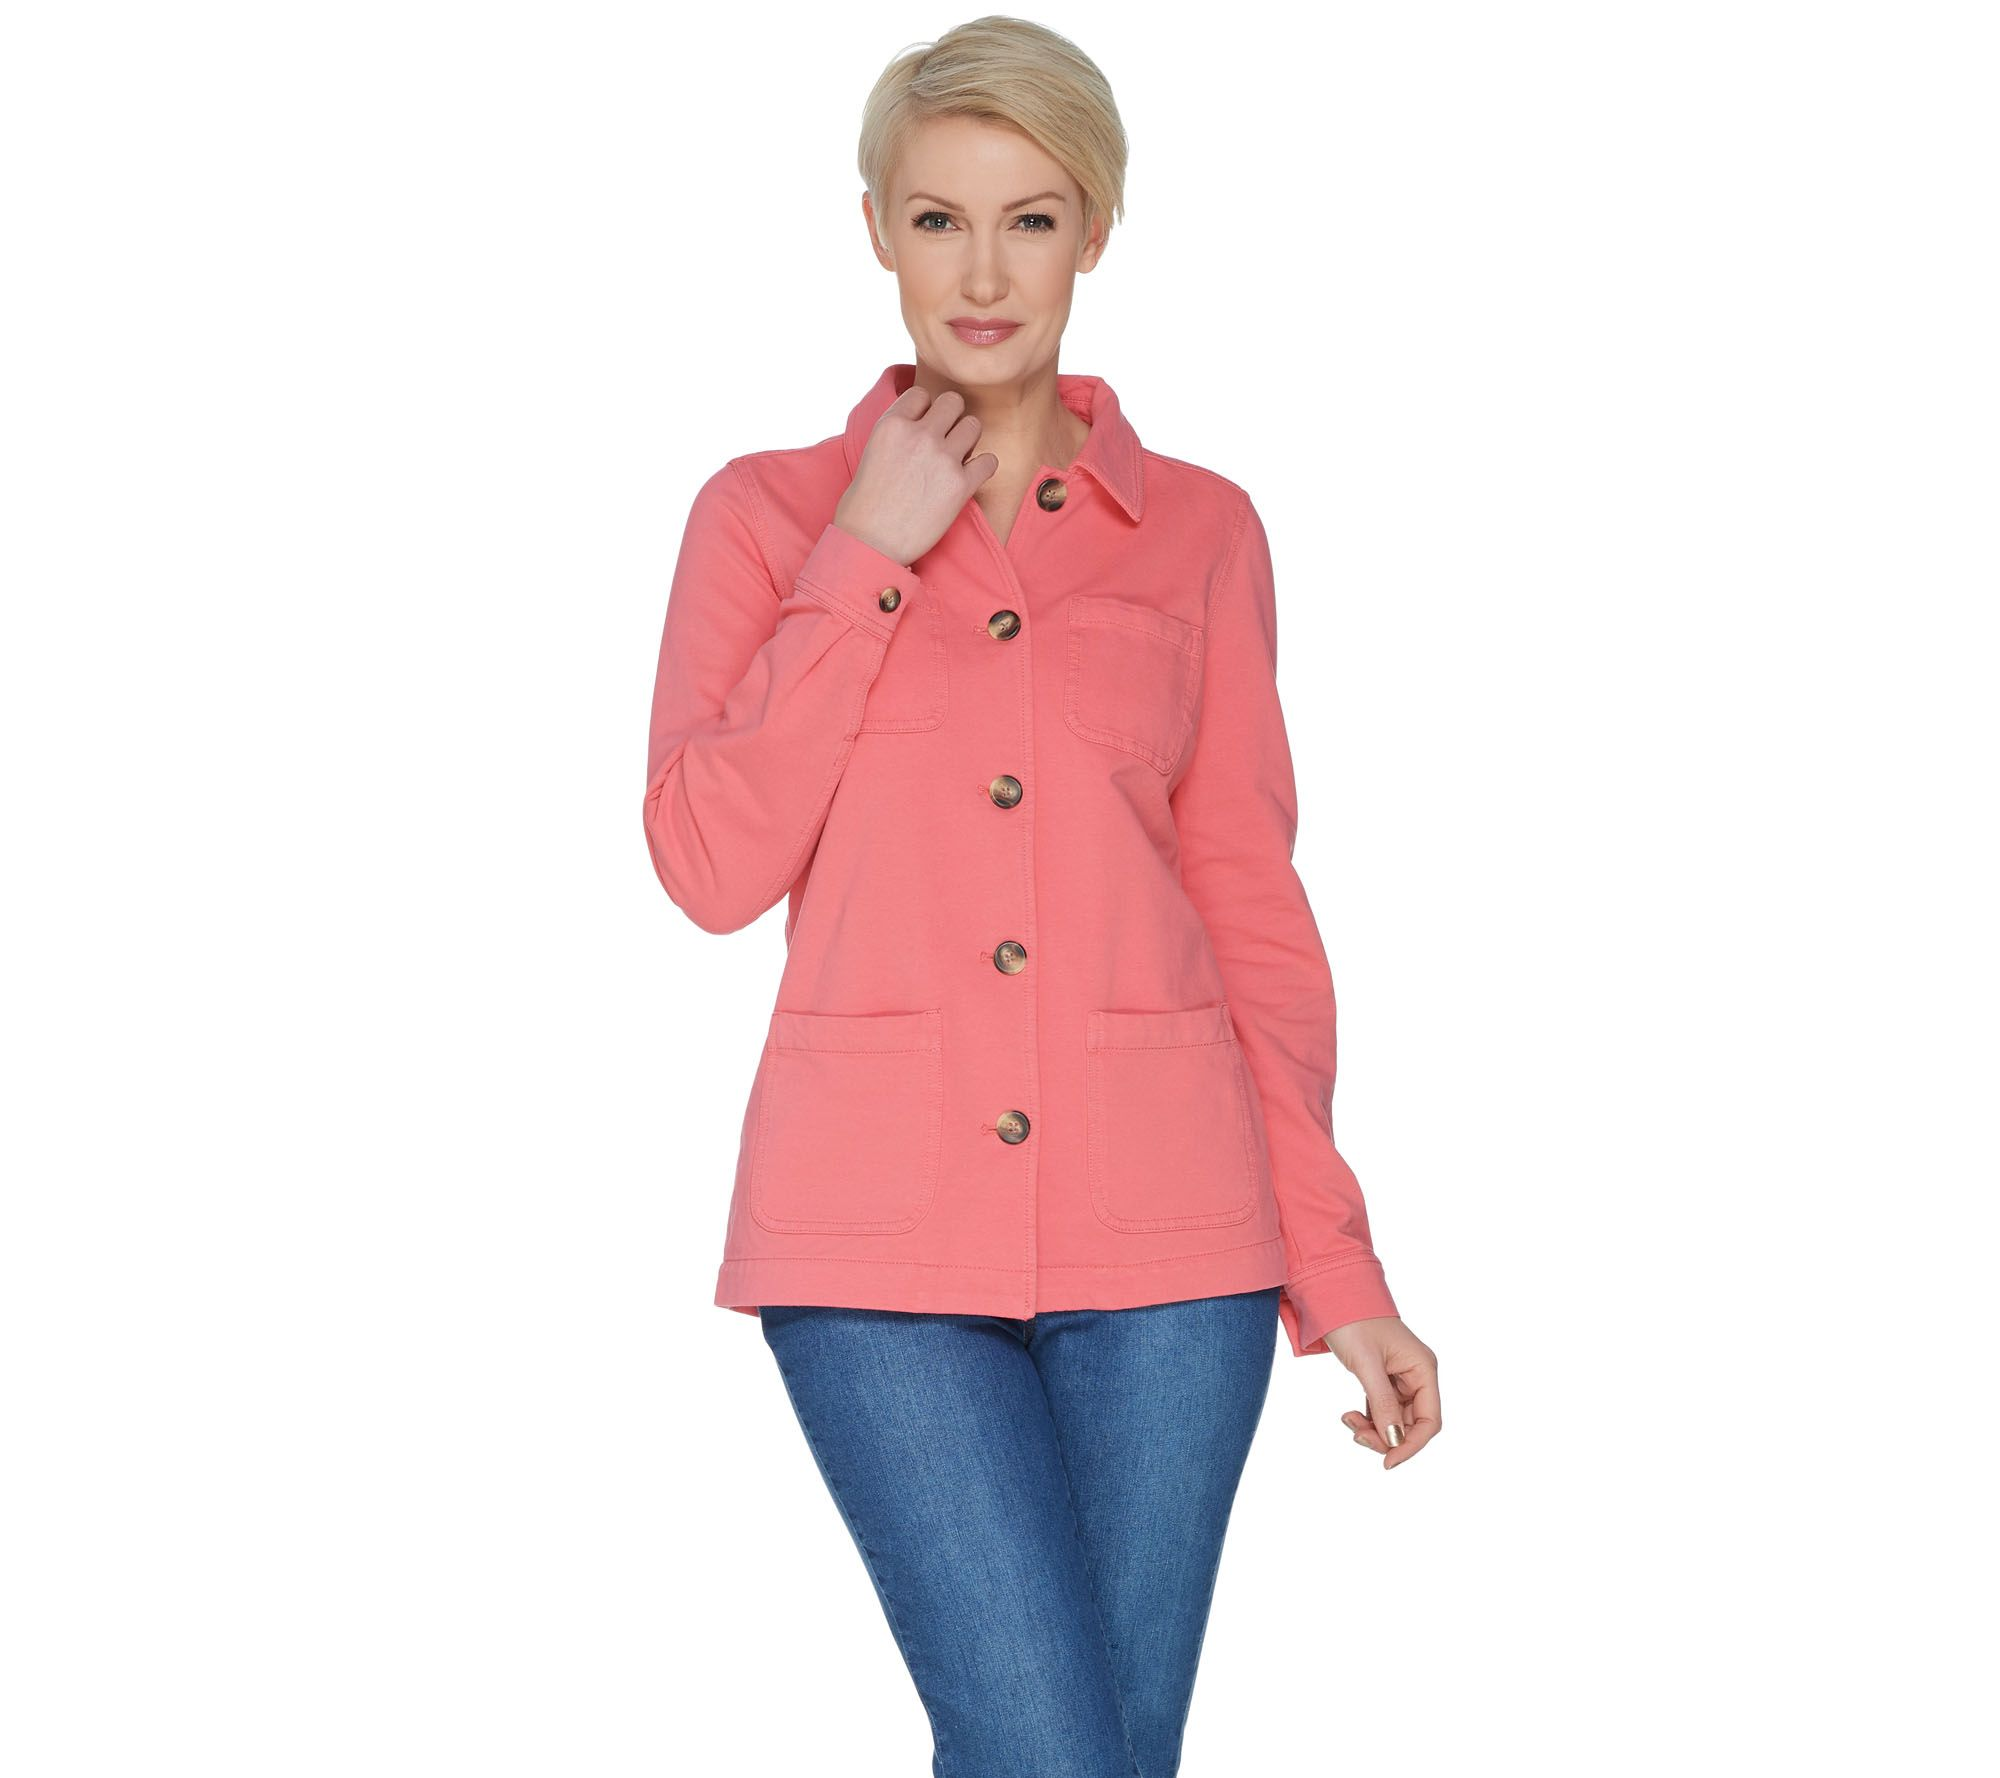 a9e7d50ec09 Denim   Co. Comfy Knit Denim Button Front Utility Jacket - Page 1 ...